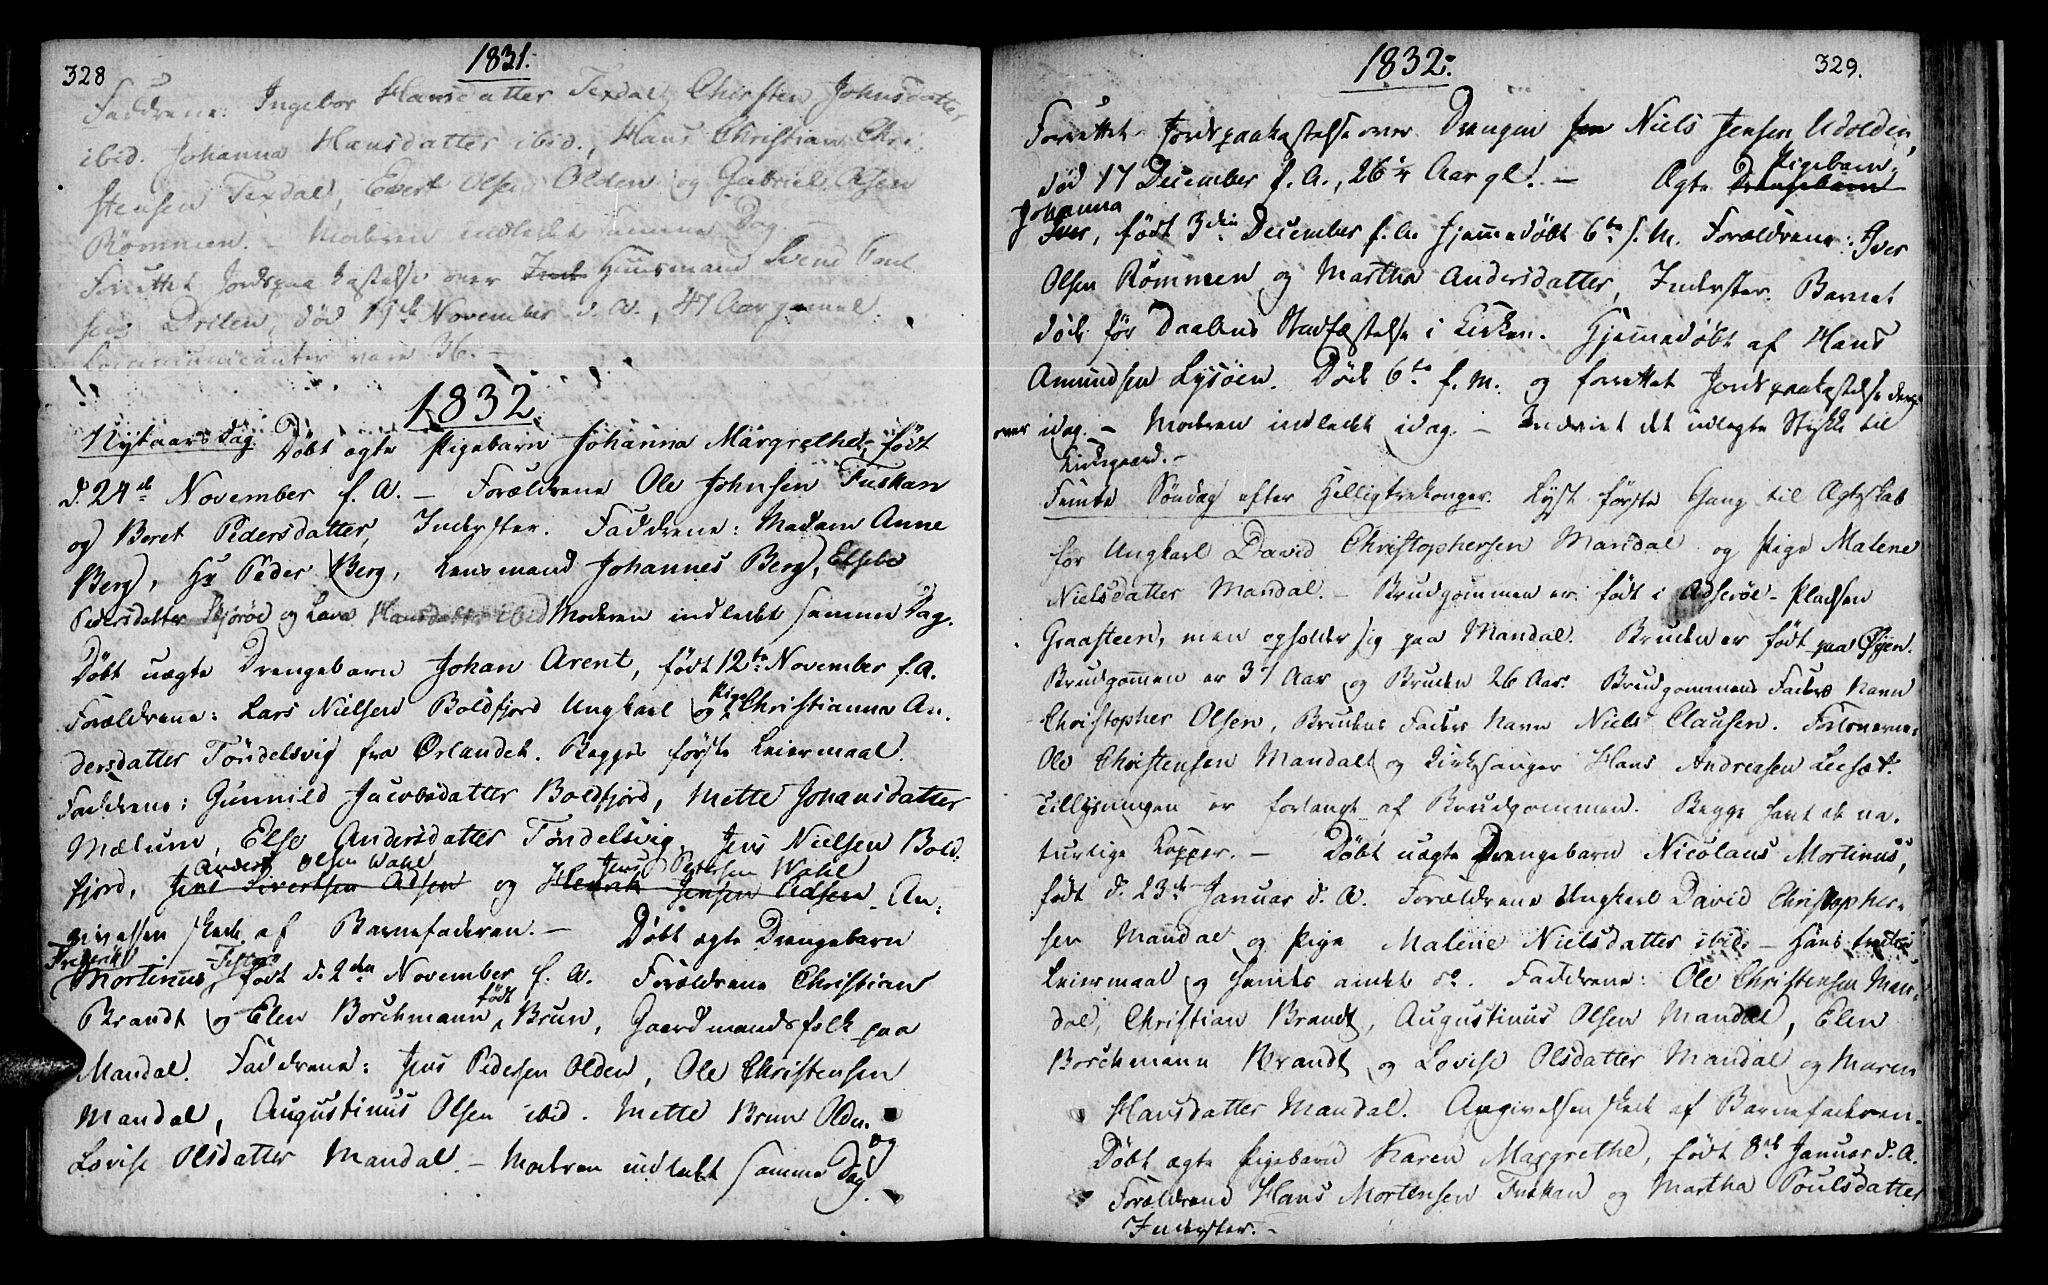 SAT, Ministerialprotokoller, klokkerbøker og fødselsregistre - Sør-Trøndelag, 655/L0674: Ministerialbok nr. 655A03, 1802-1826, s. 328-329